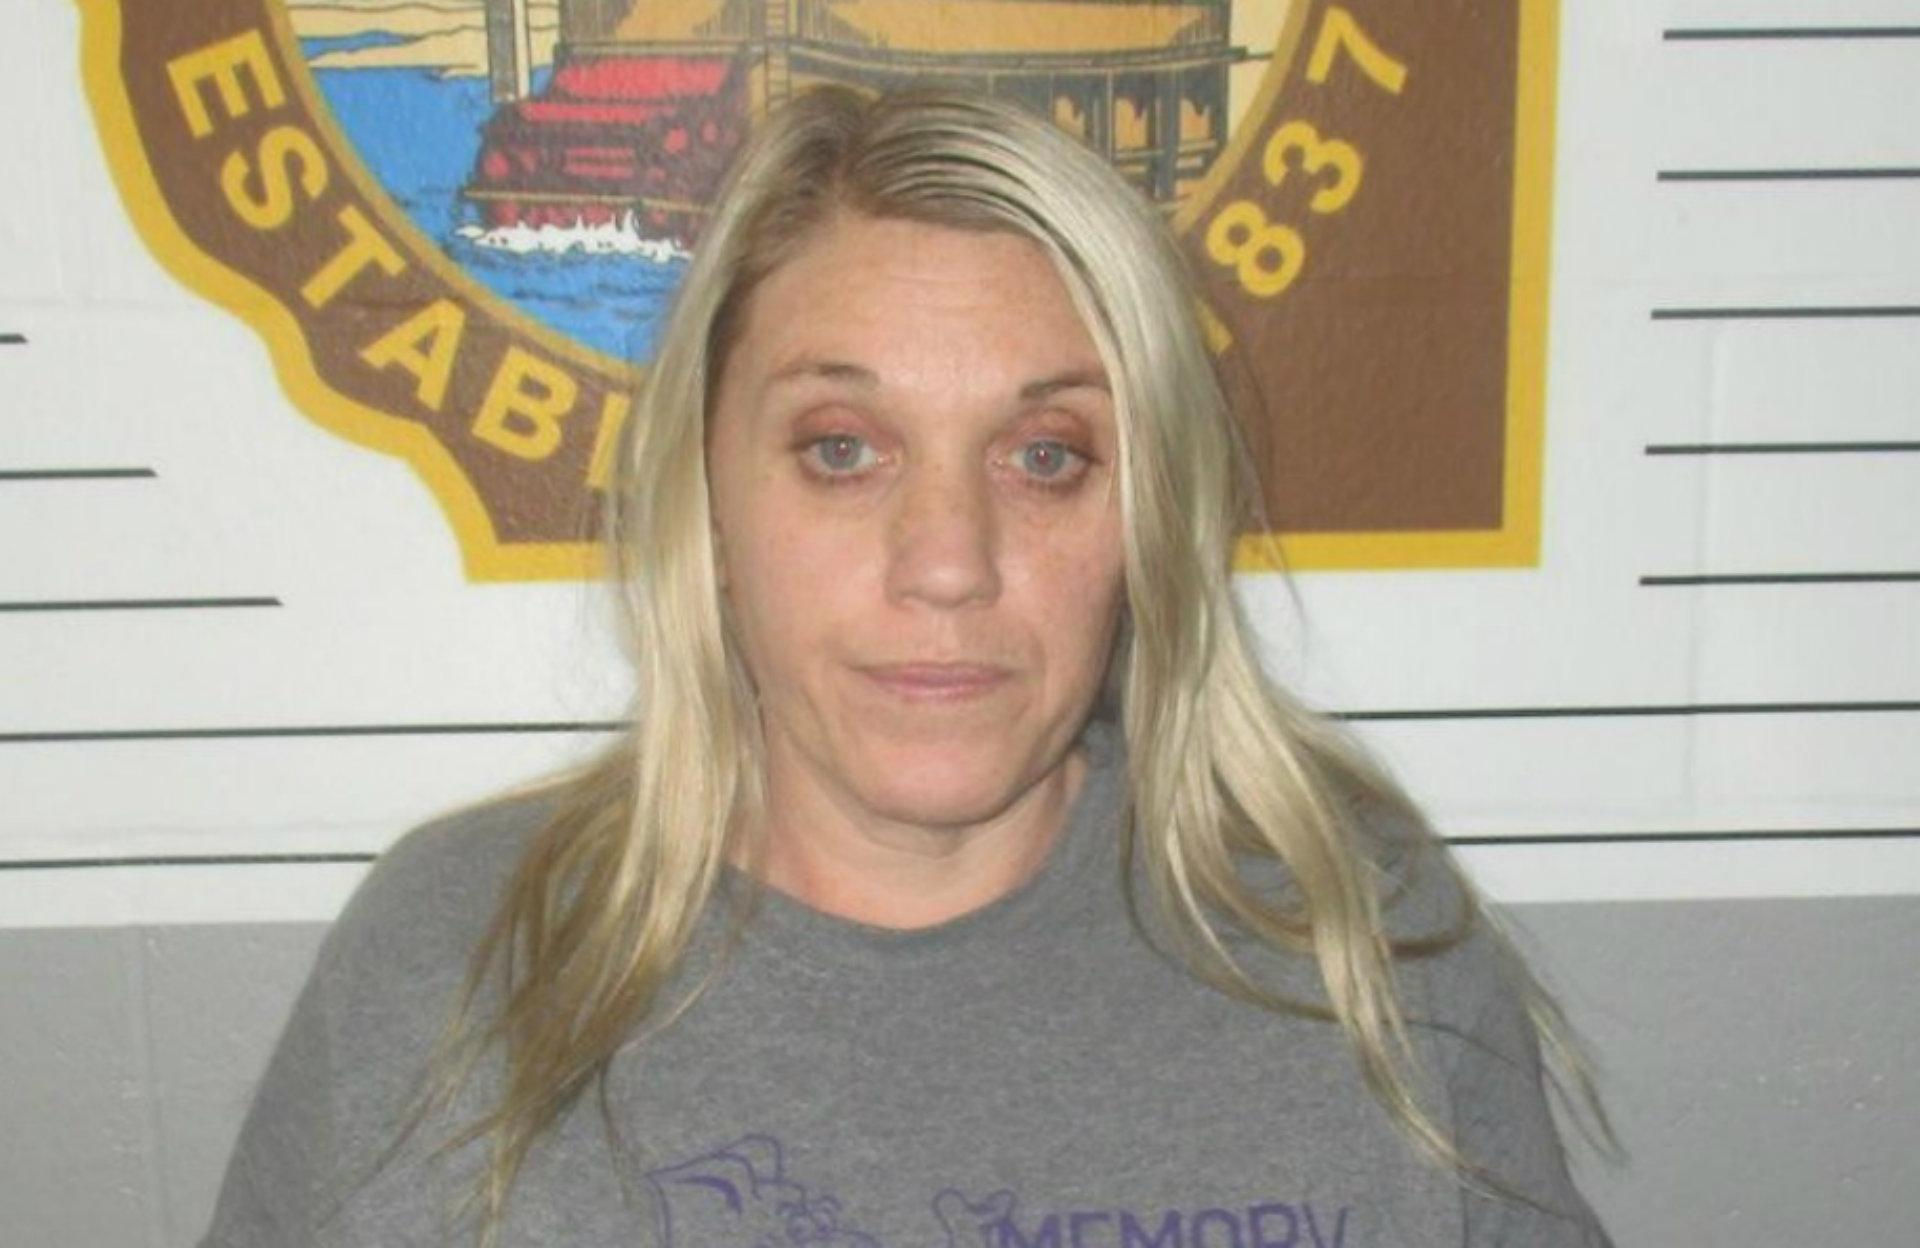 La enfermera tenía un romance con un preso de la cárcel en la que trabajaba (Miller County Sheriff's Office )